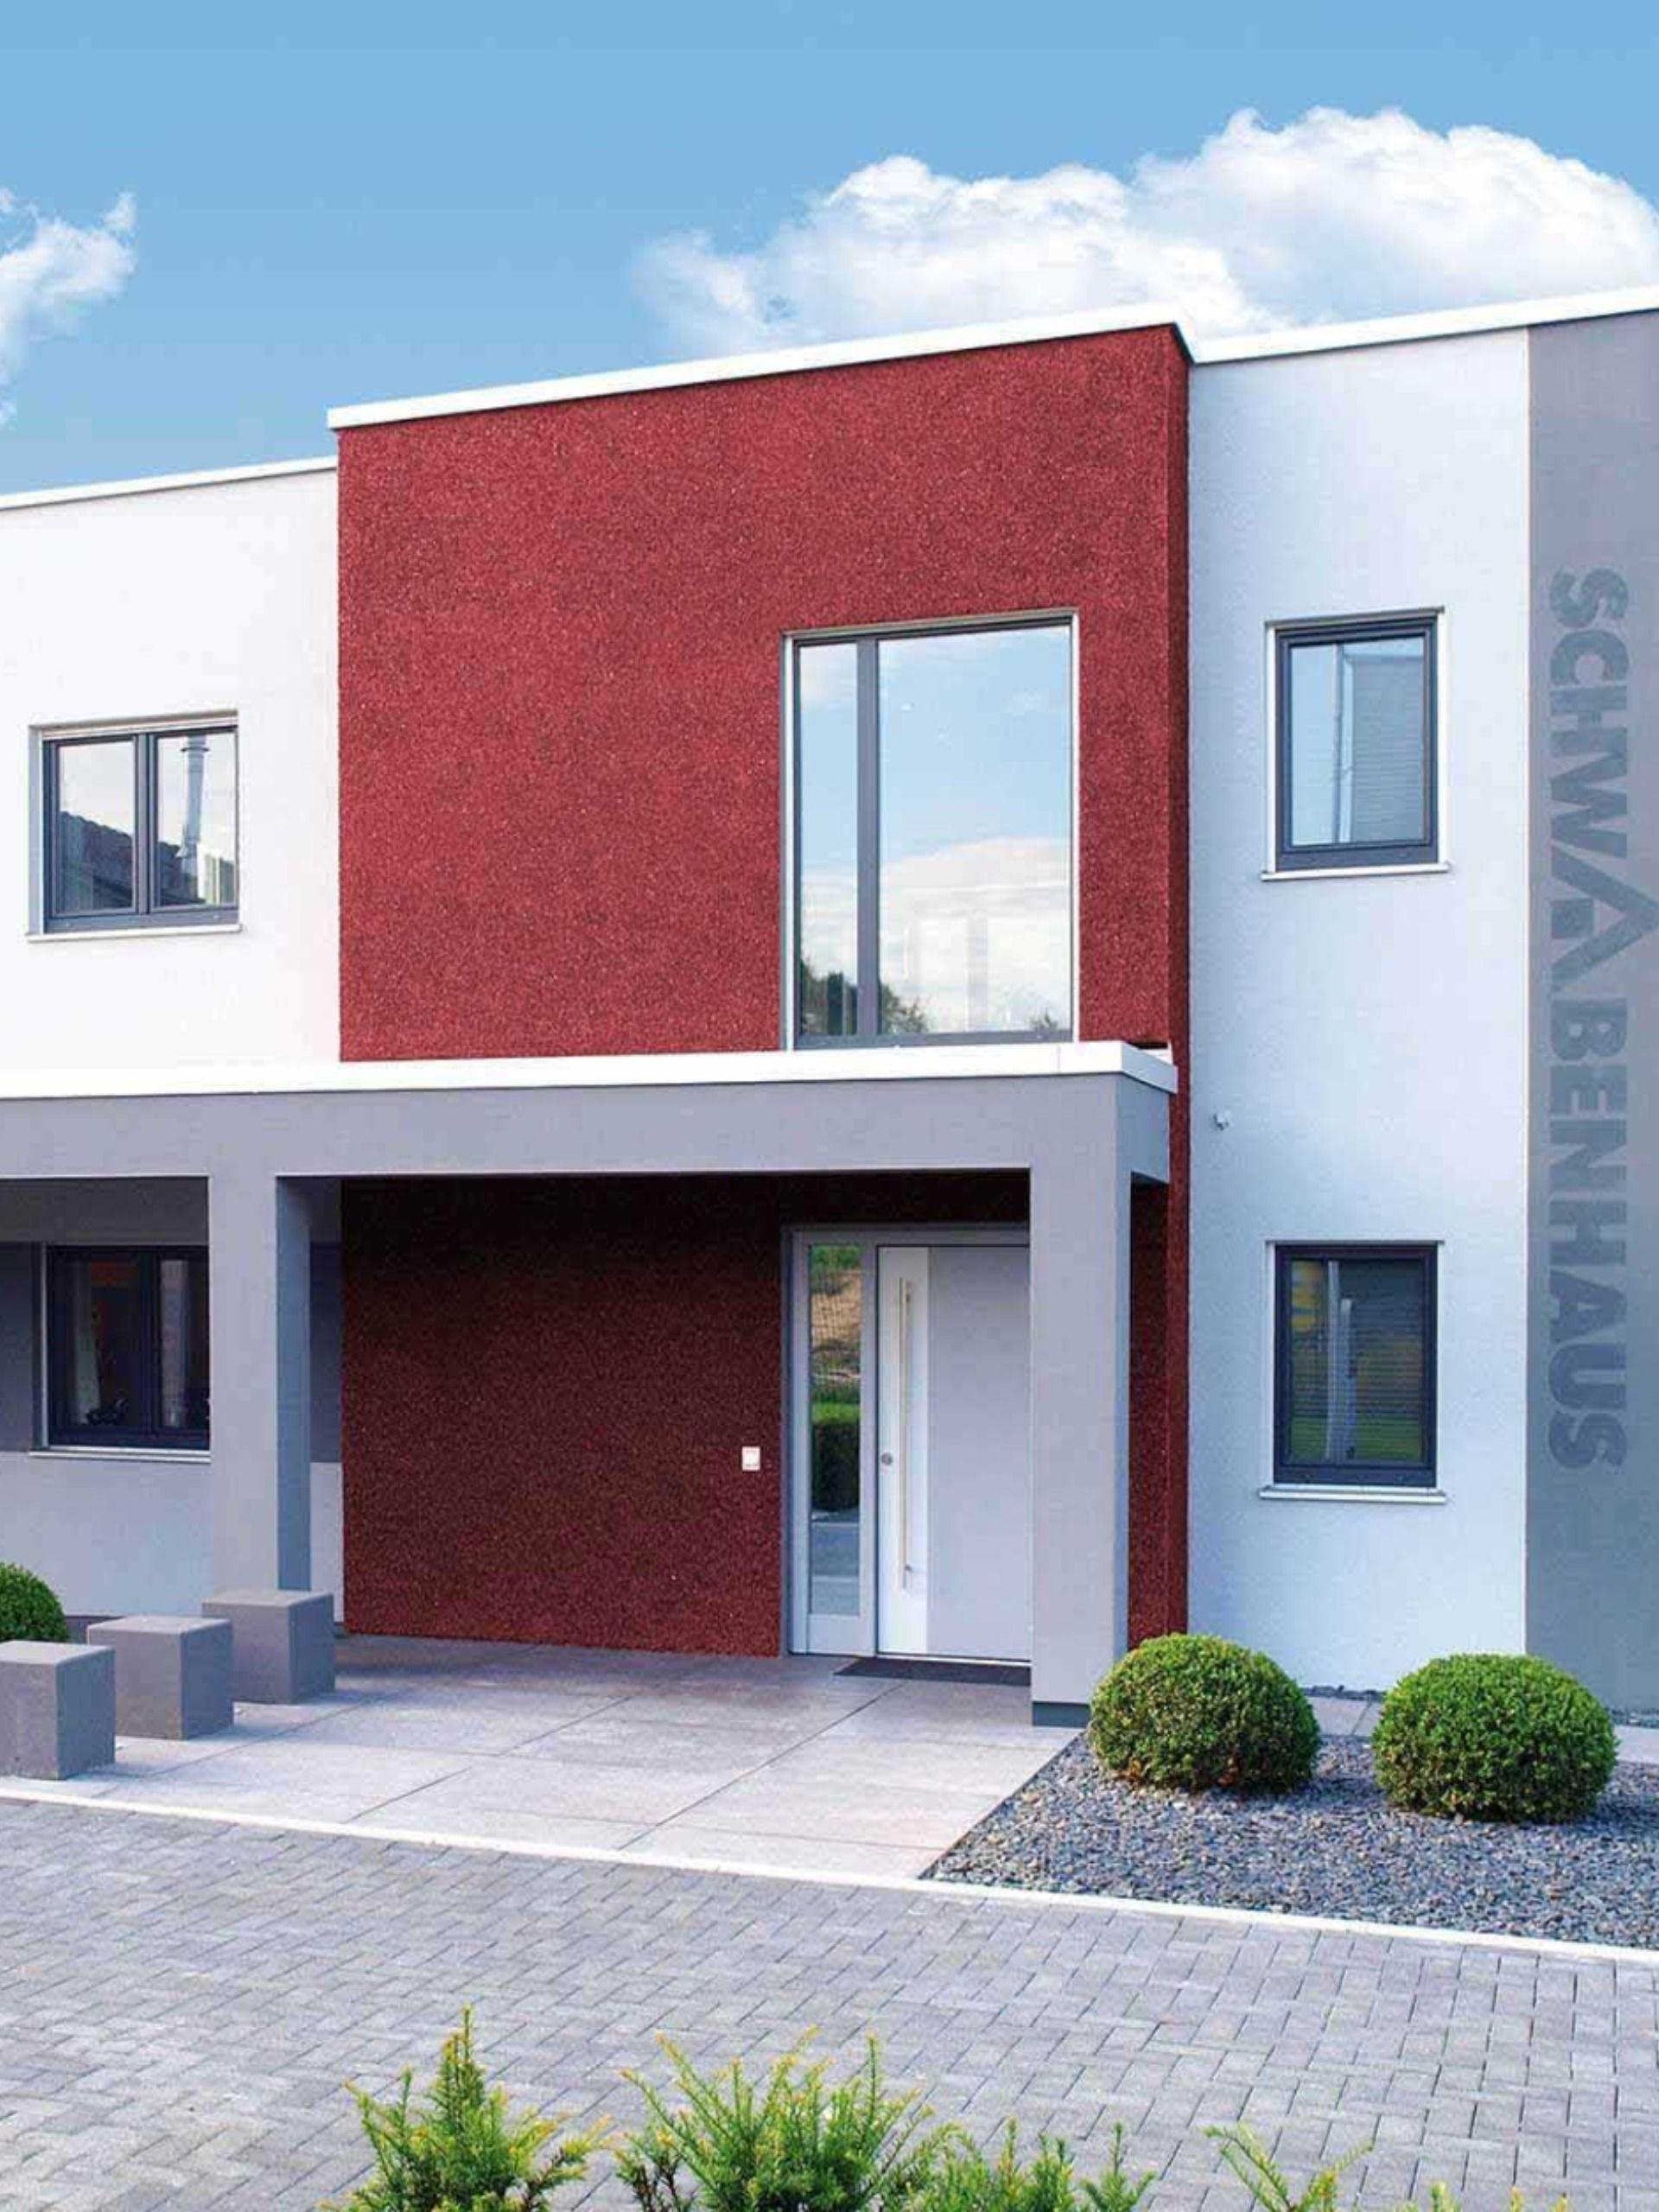 Musterhaus Koln Mit Putzfassade Musterhaus Kubus Haus Schwabenhaus